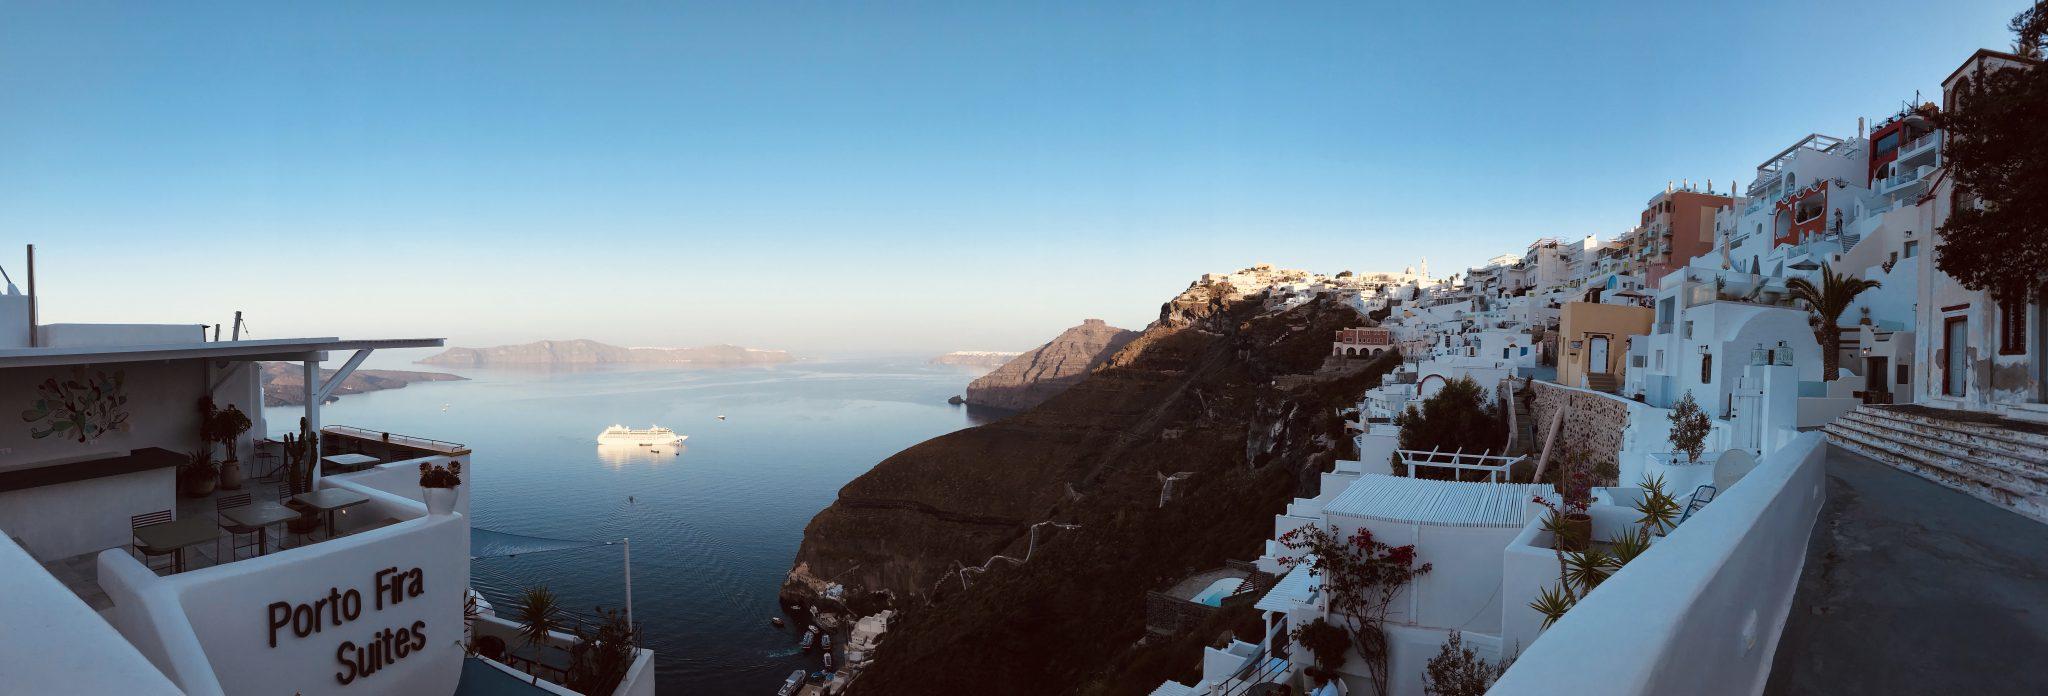 IMG 8786 - Greckie Santorini w listopadzie